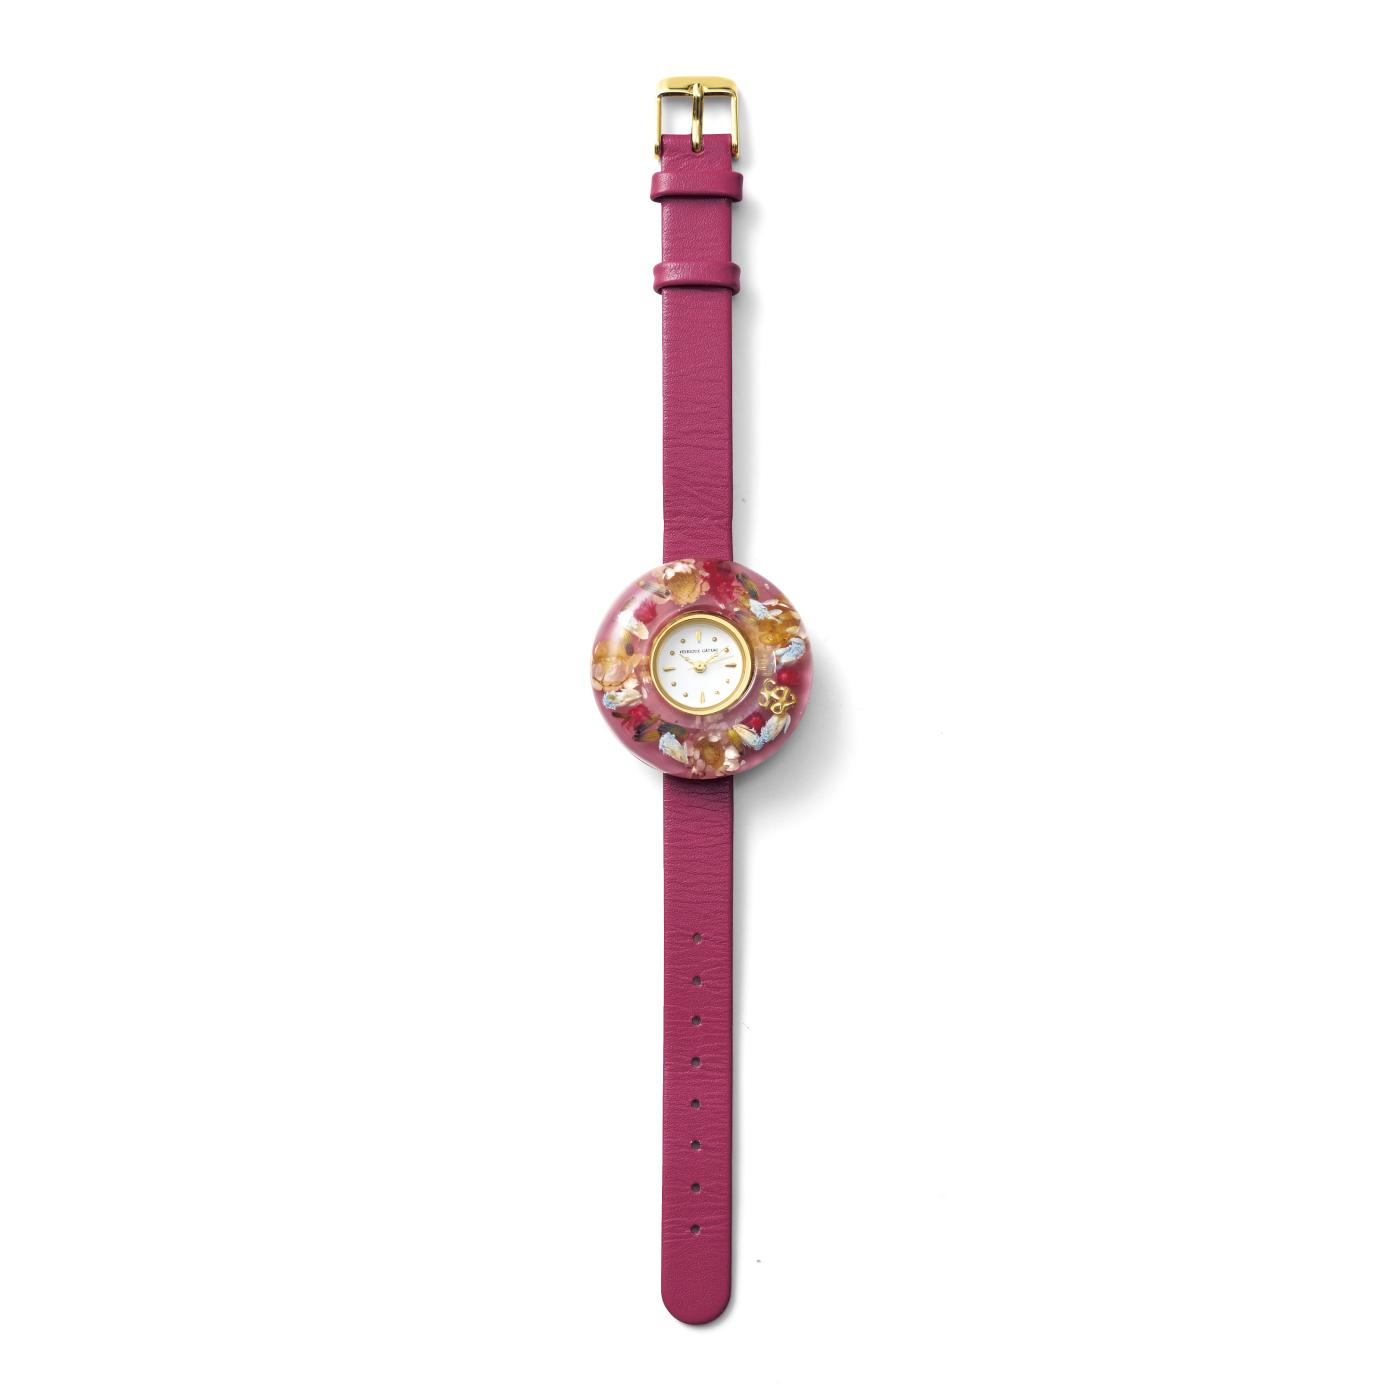 花束みたいな腕時計 (1 ピンク)